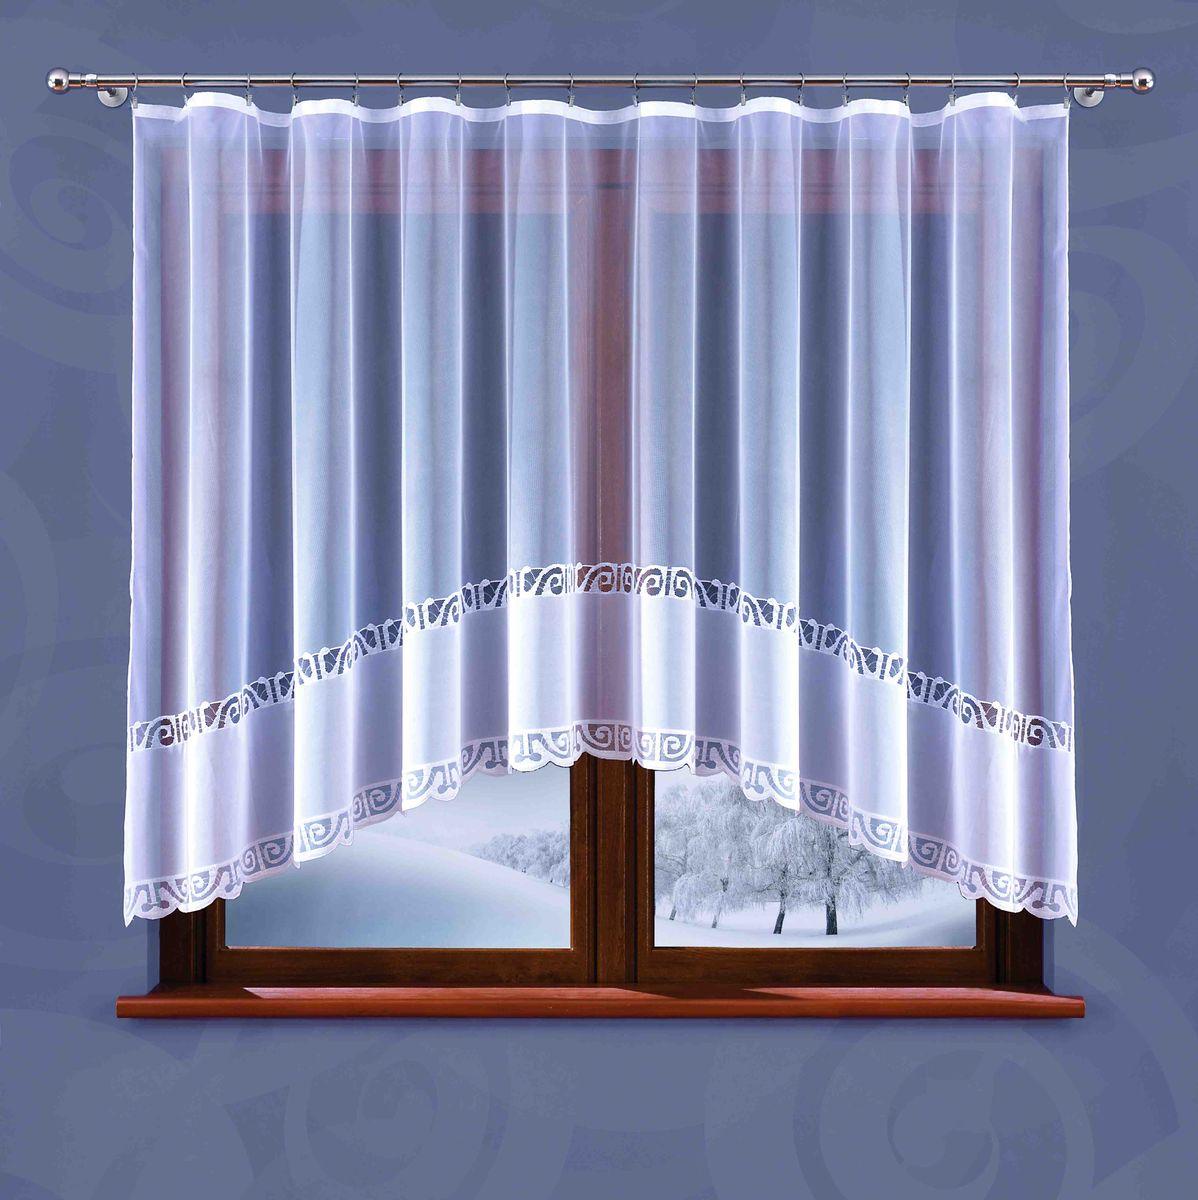 Гардина Wisan Weronika, на ленте, цвет: белый, высота 150 см5884Гардина Wisan Weronika, изготовлена из полиэстера, легкой, тонкой ткани. Изделие украшено орнаментом. Тонкое плетение и оригинальный дизайн привлекут к себе внимание и органично впишутся в интерьер комнаты. Оригинальное оформление гардины внесет разнообразие и подарит заряд положительного настроения. Гардина оснащена шторной лентой для крепления на карниз.